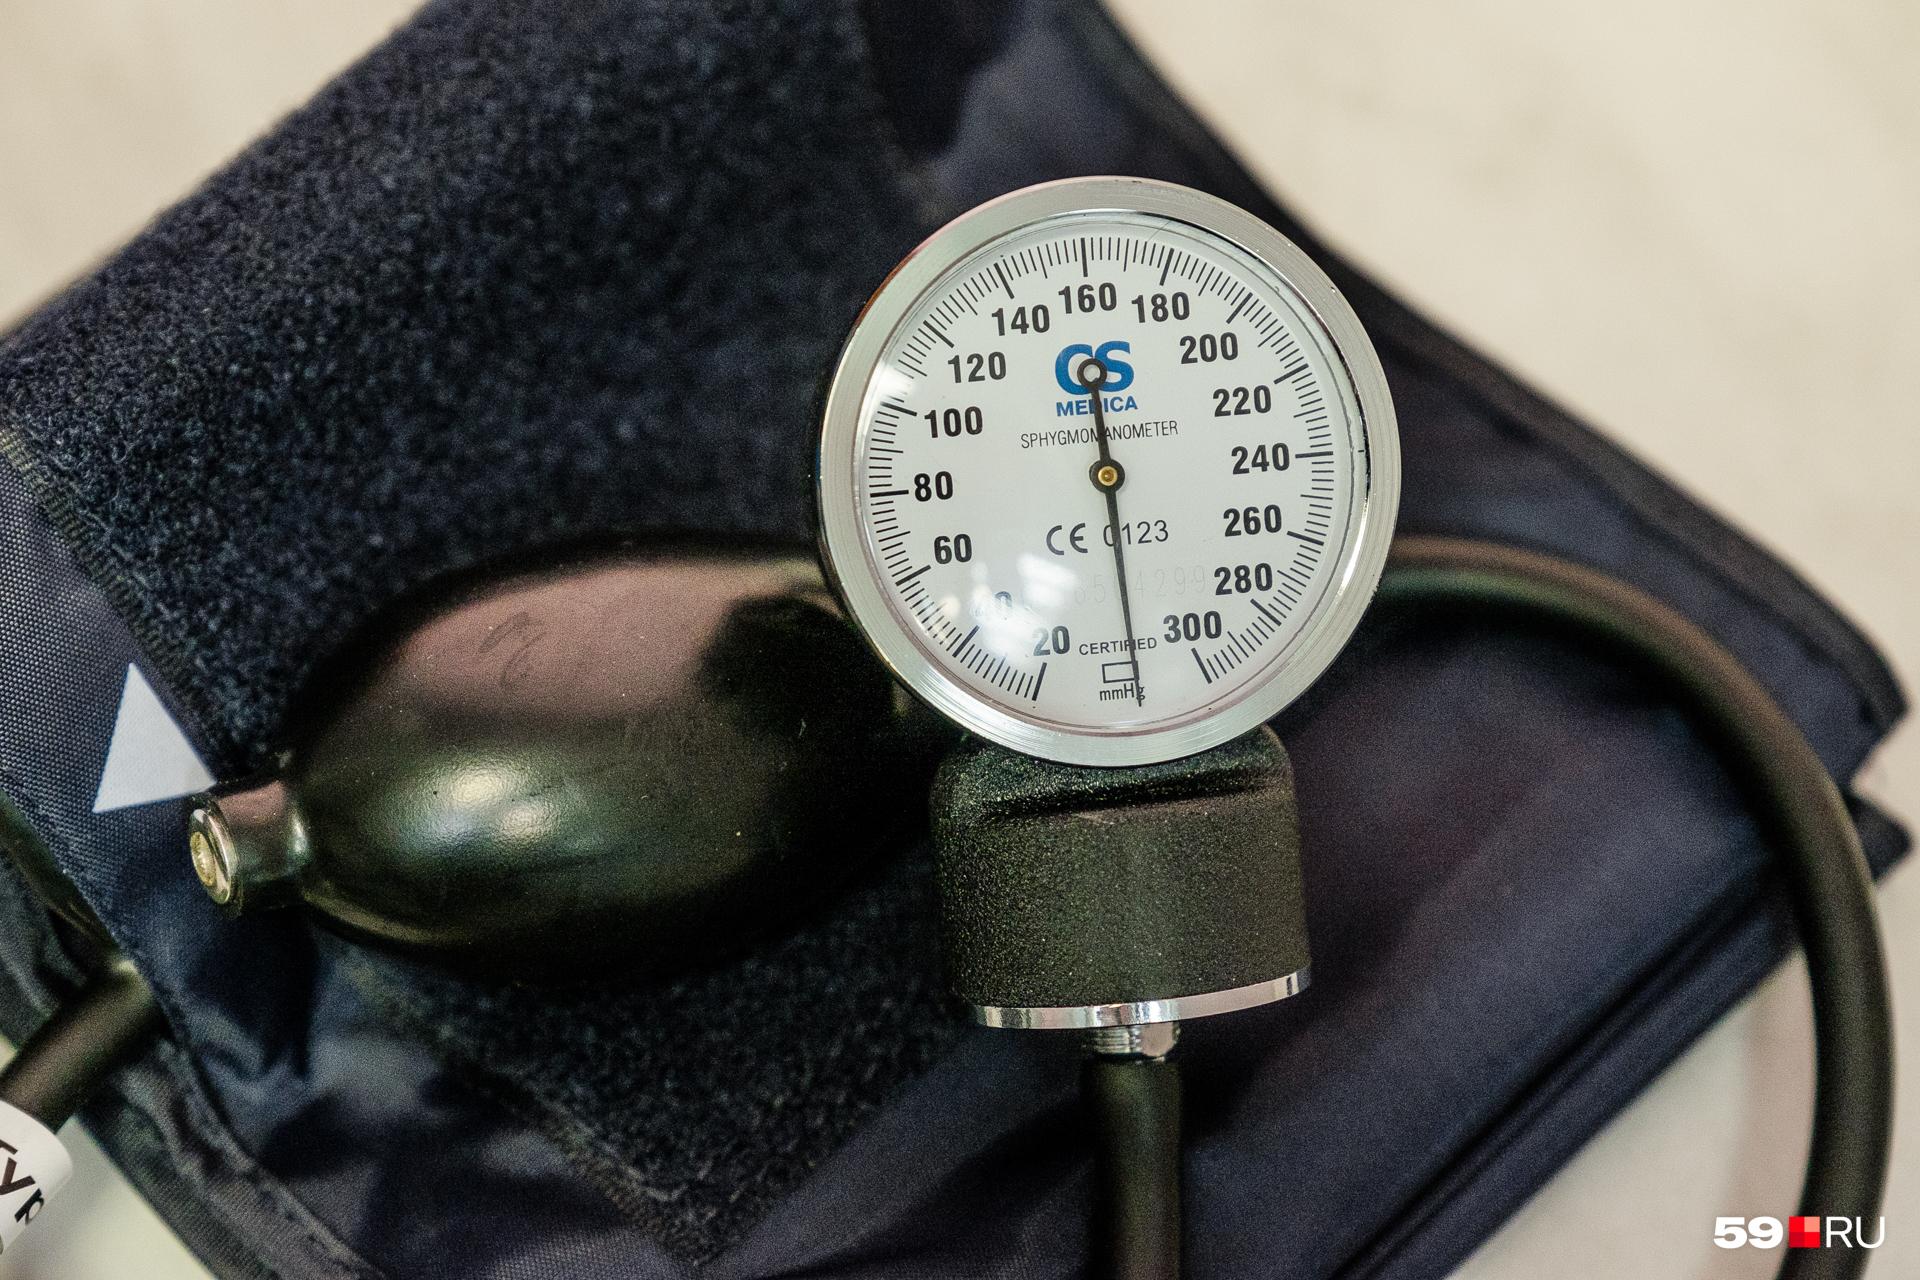 Попробуйте перечисленные выше способы и измерьте давление еще раз